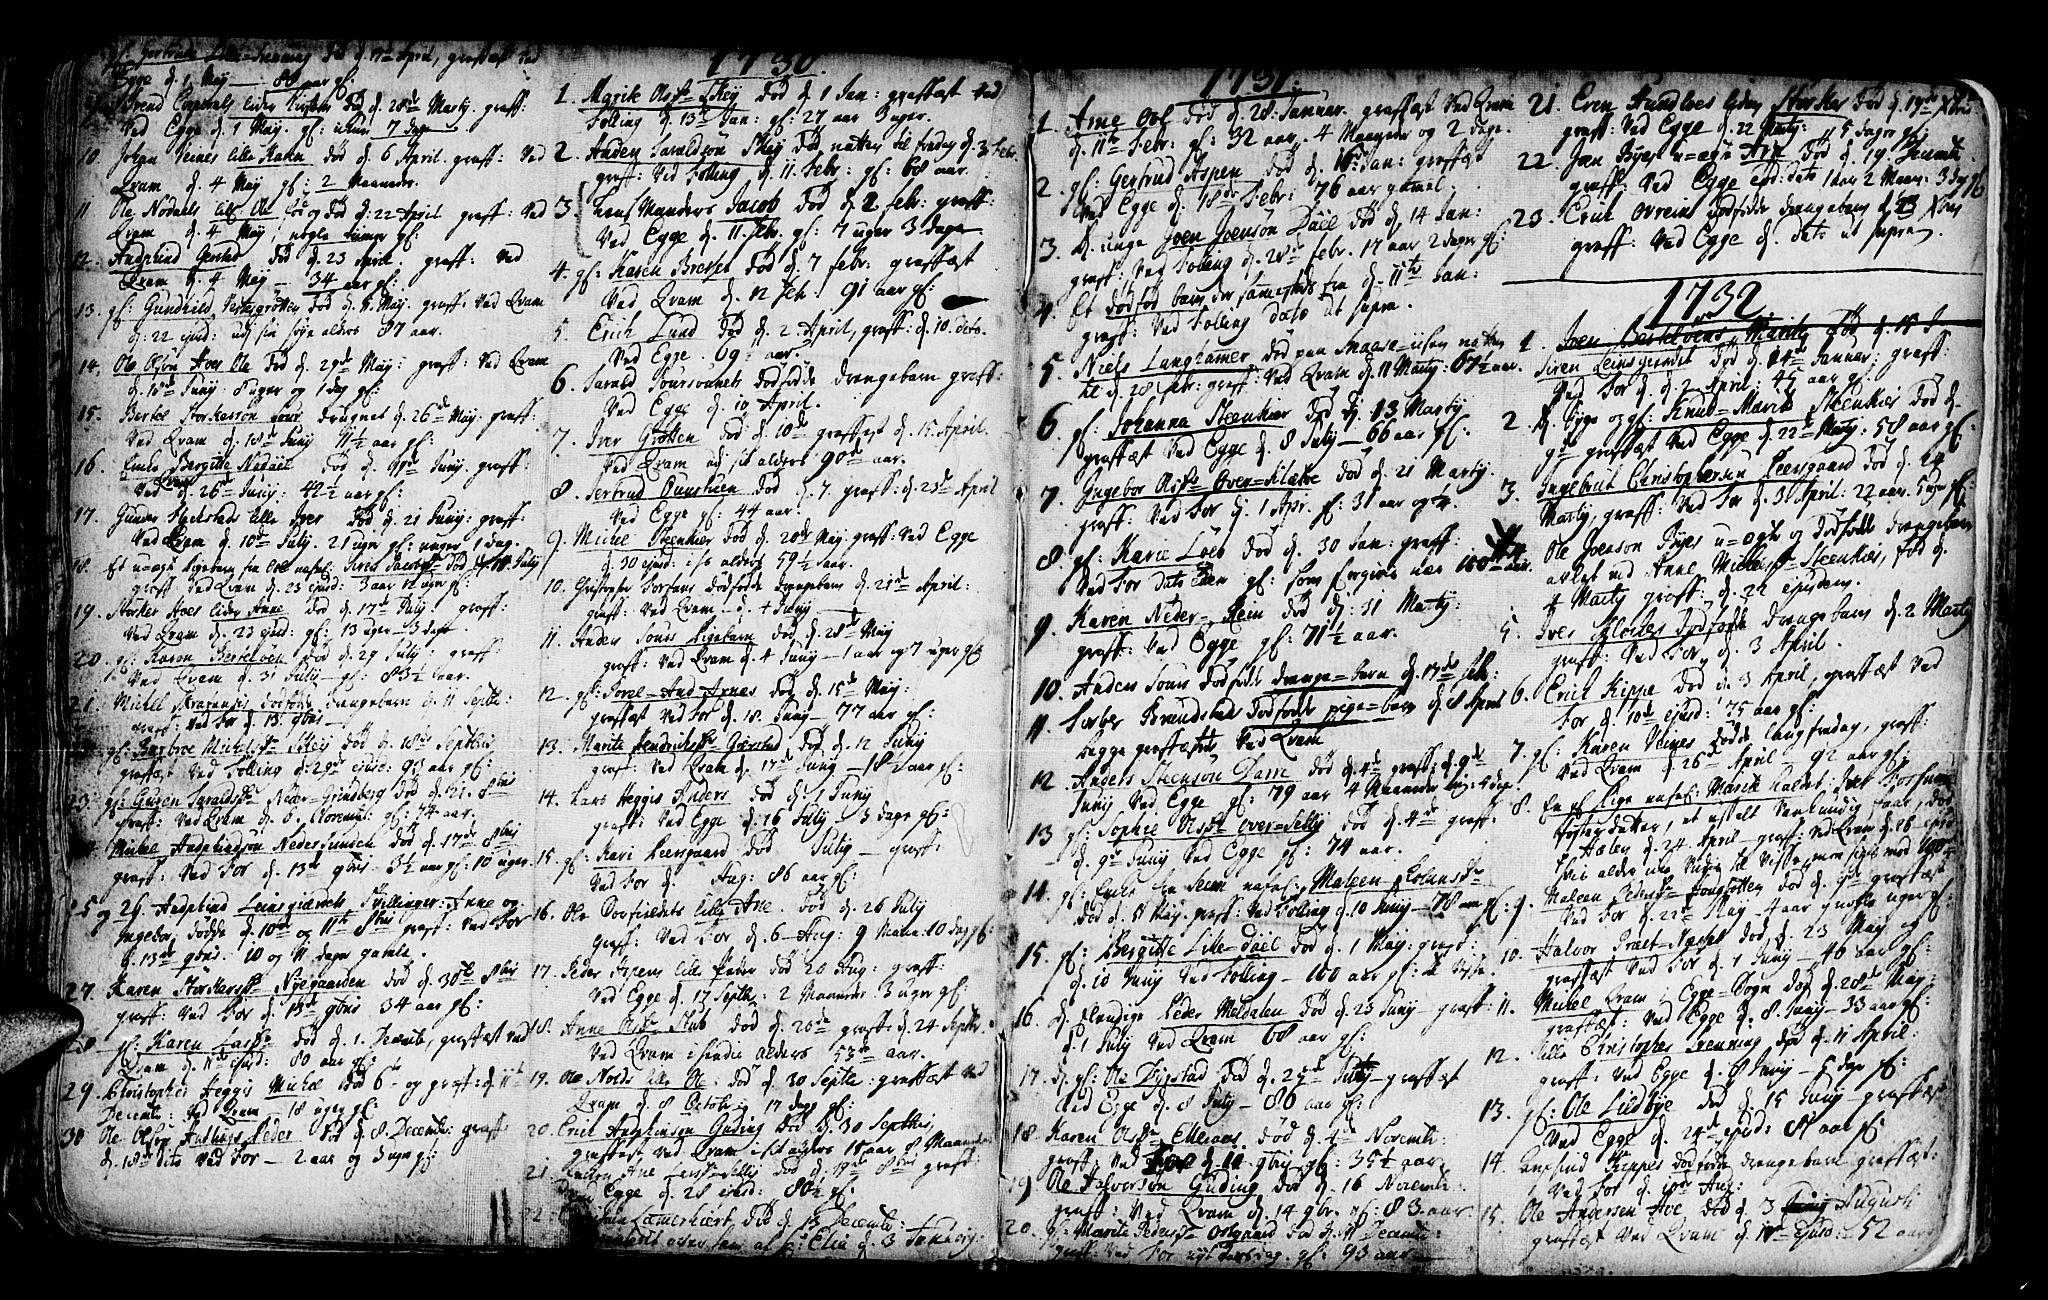 SAT, Ministerialprotokoller, klokkerbøker og fødselsregistre - Nord-Trøndelag, 746/L0439: Ministerialbok nr. 746A01, 1688-1759, s. 61